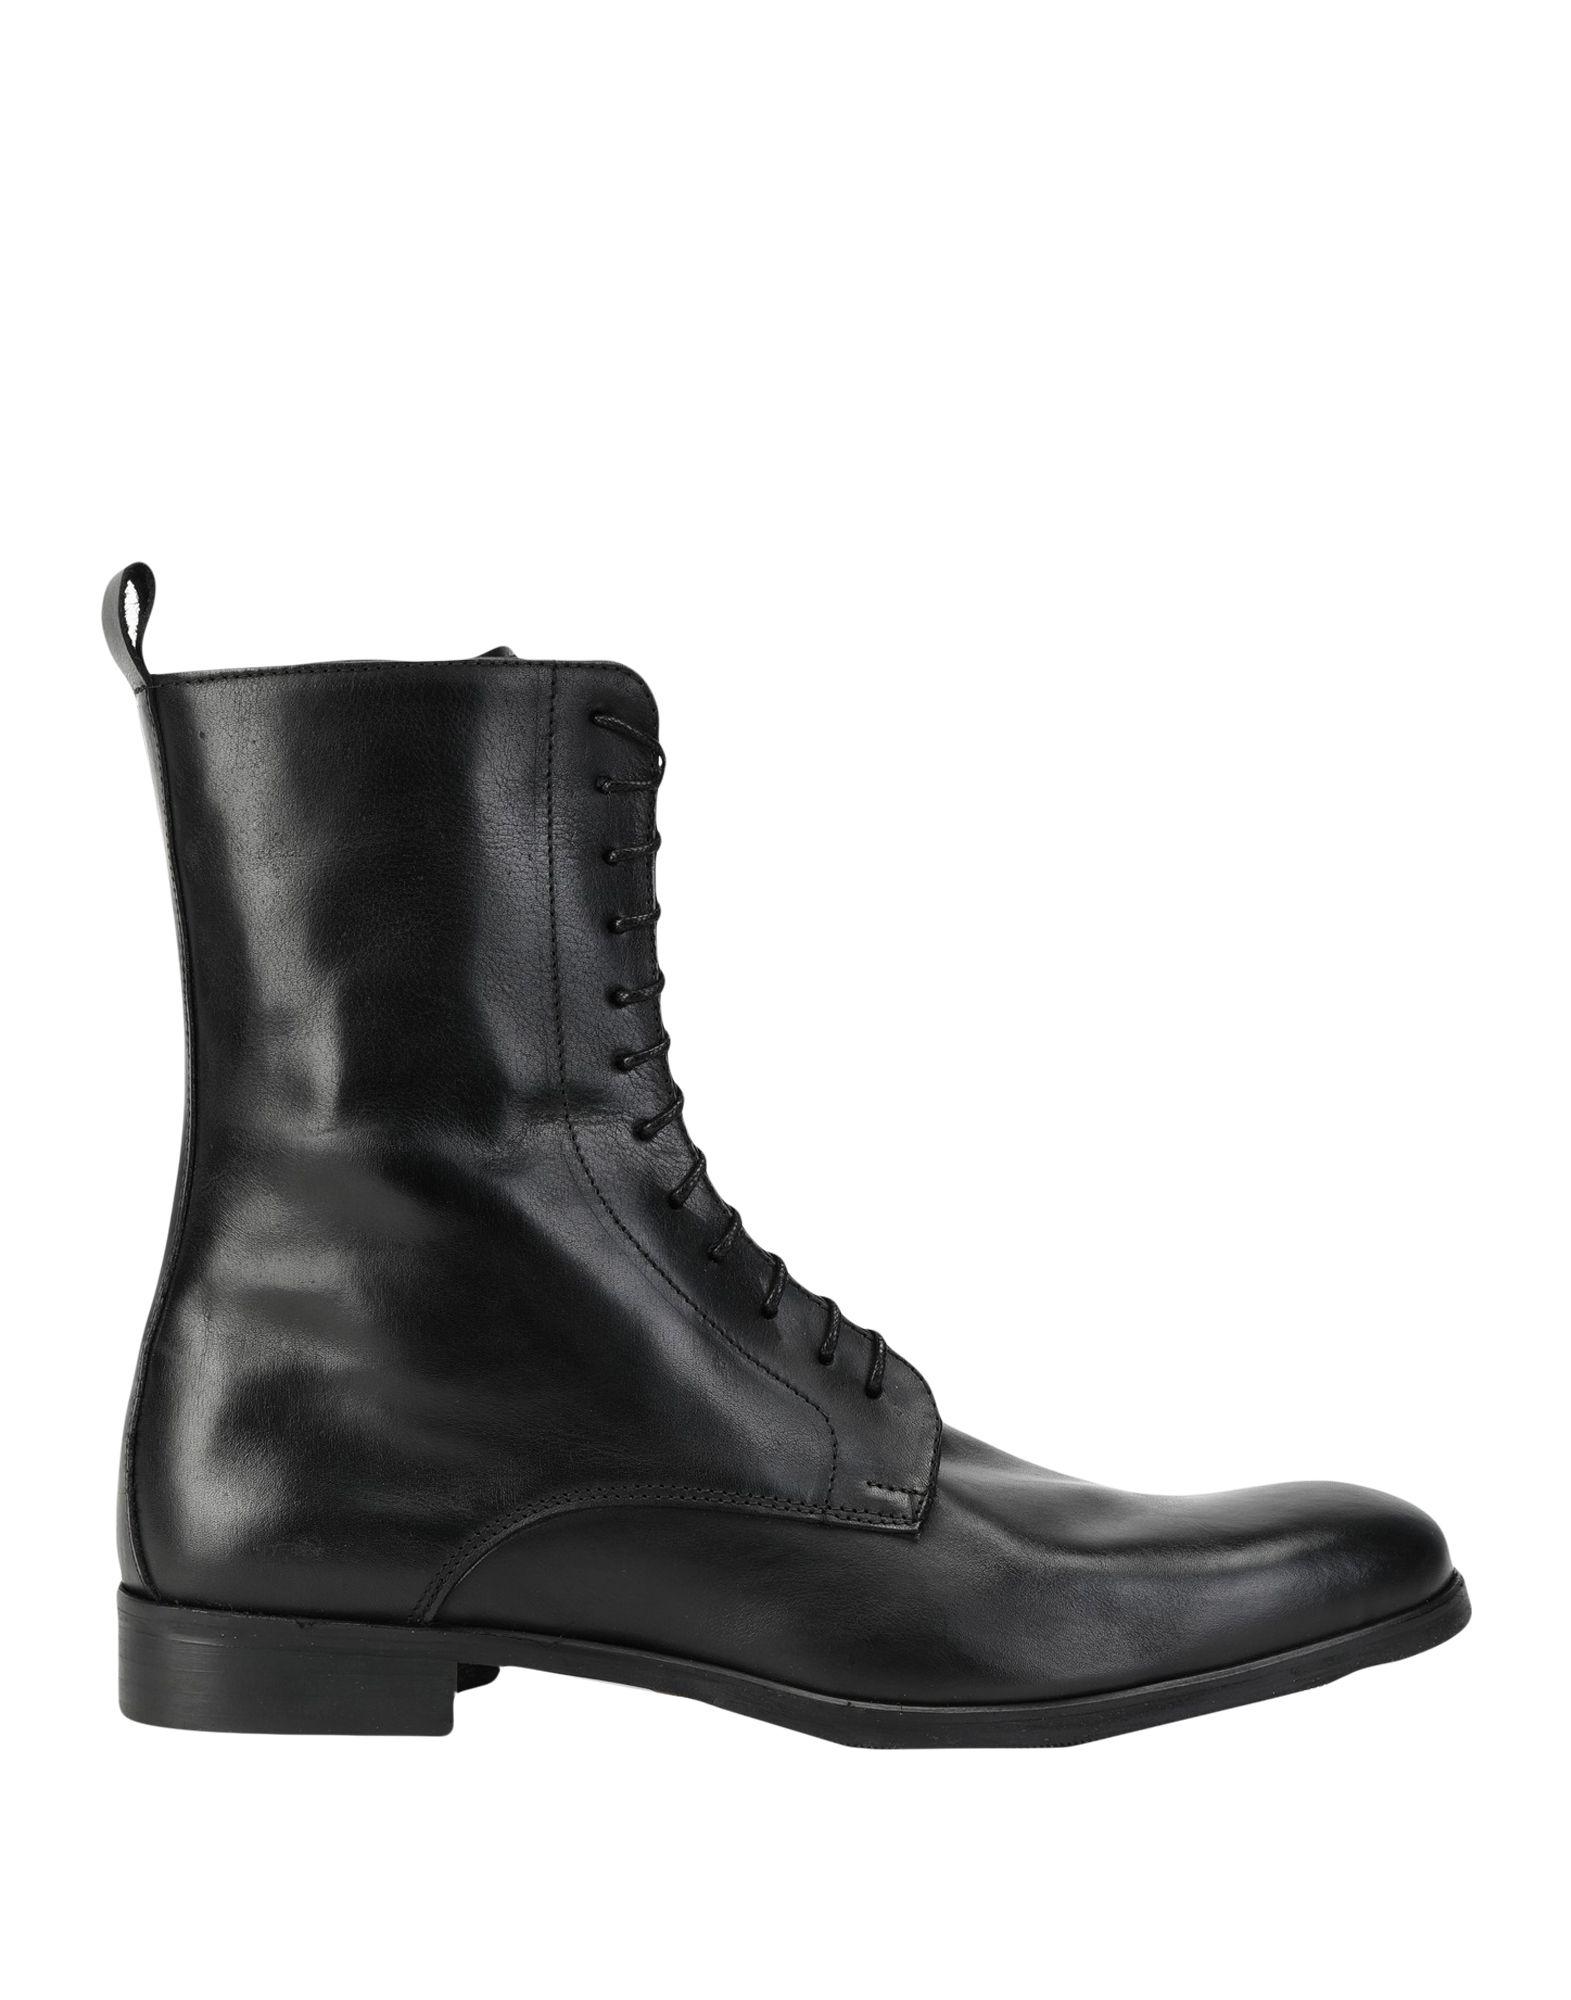 Leonardo Principi Stiefelette Herren  11542226XO Gute Qualität beliebte Schuhe